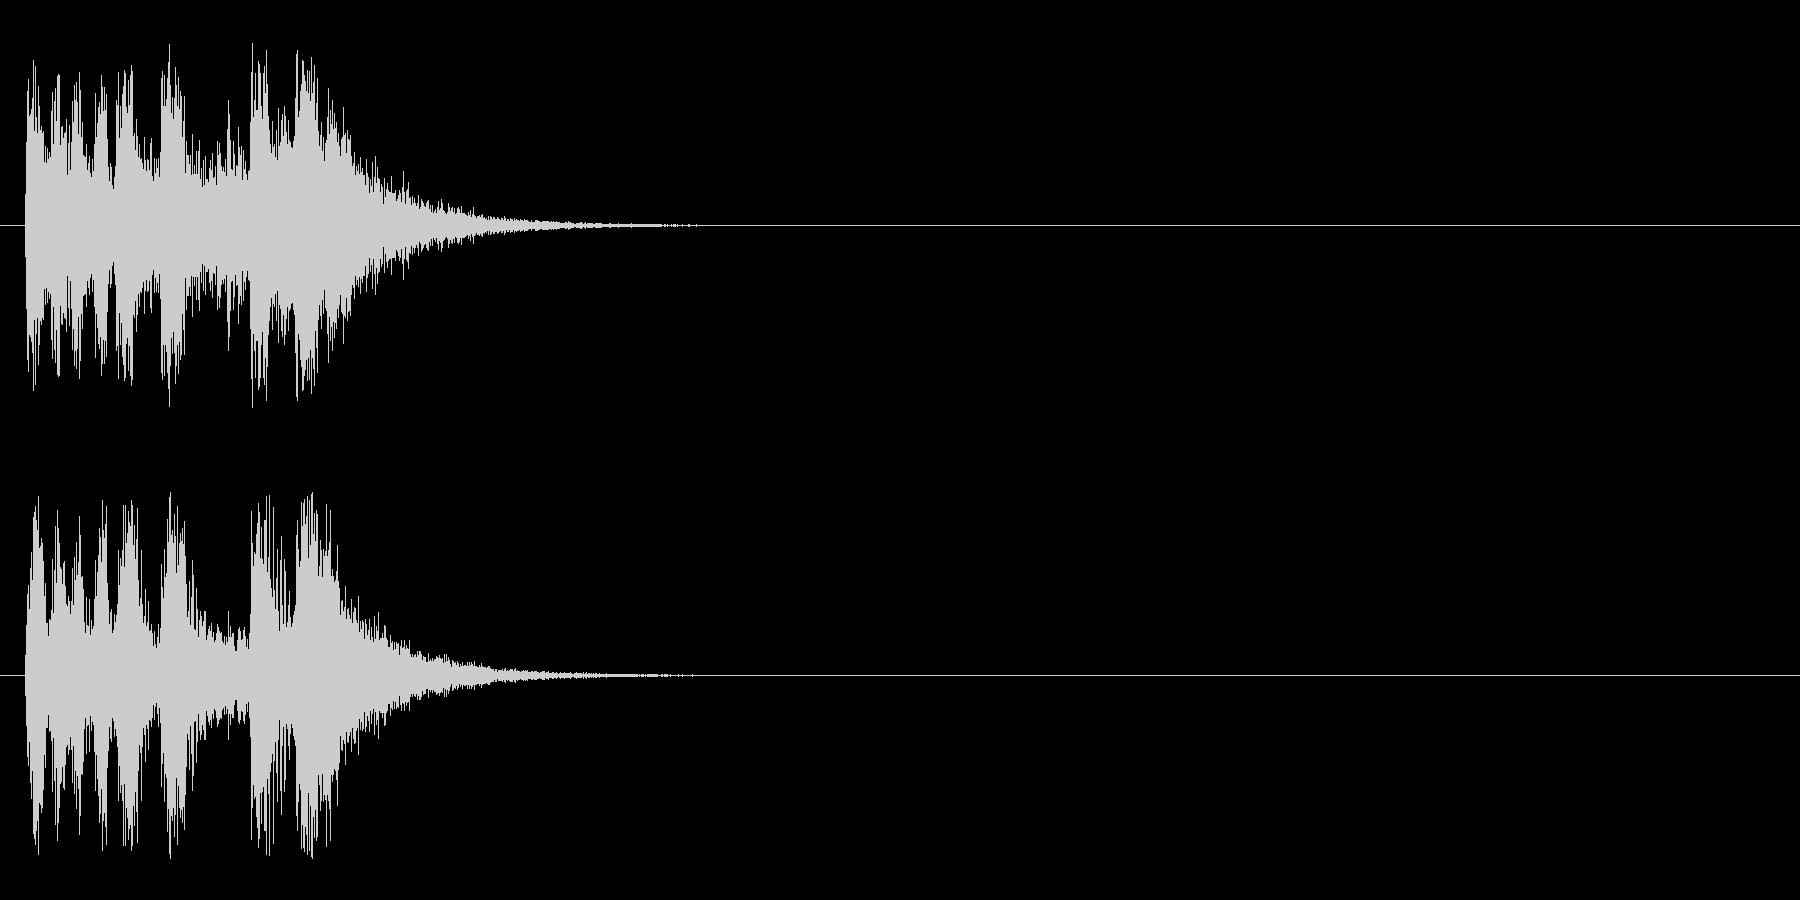 ジングル/オーケストラ(ドキュメント風)の未再生の波形